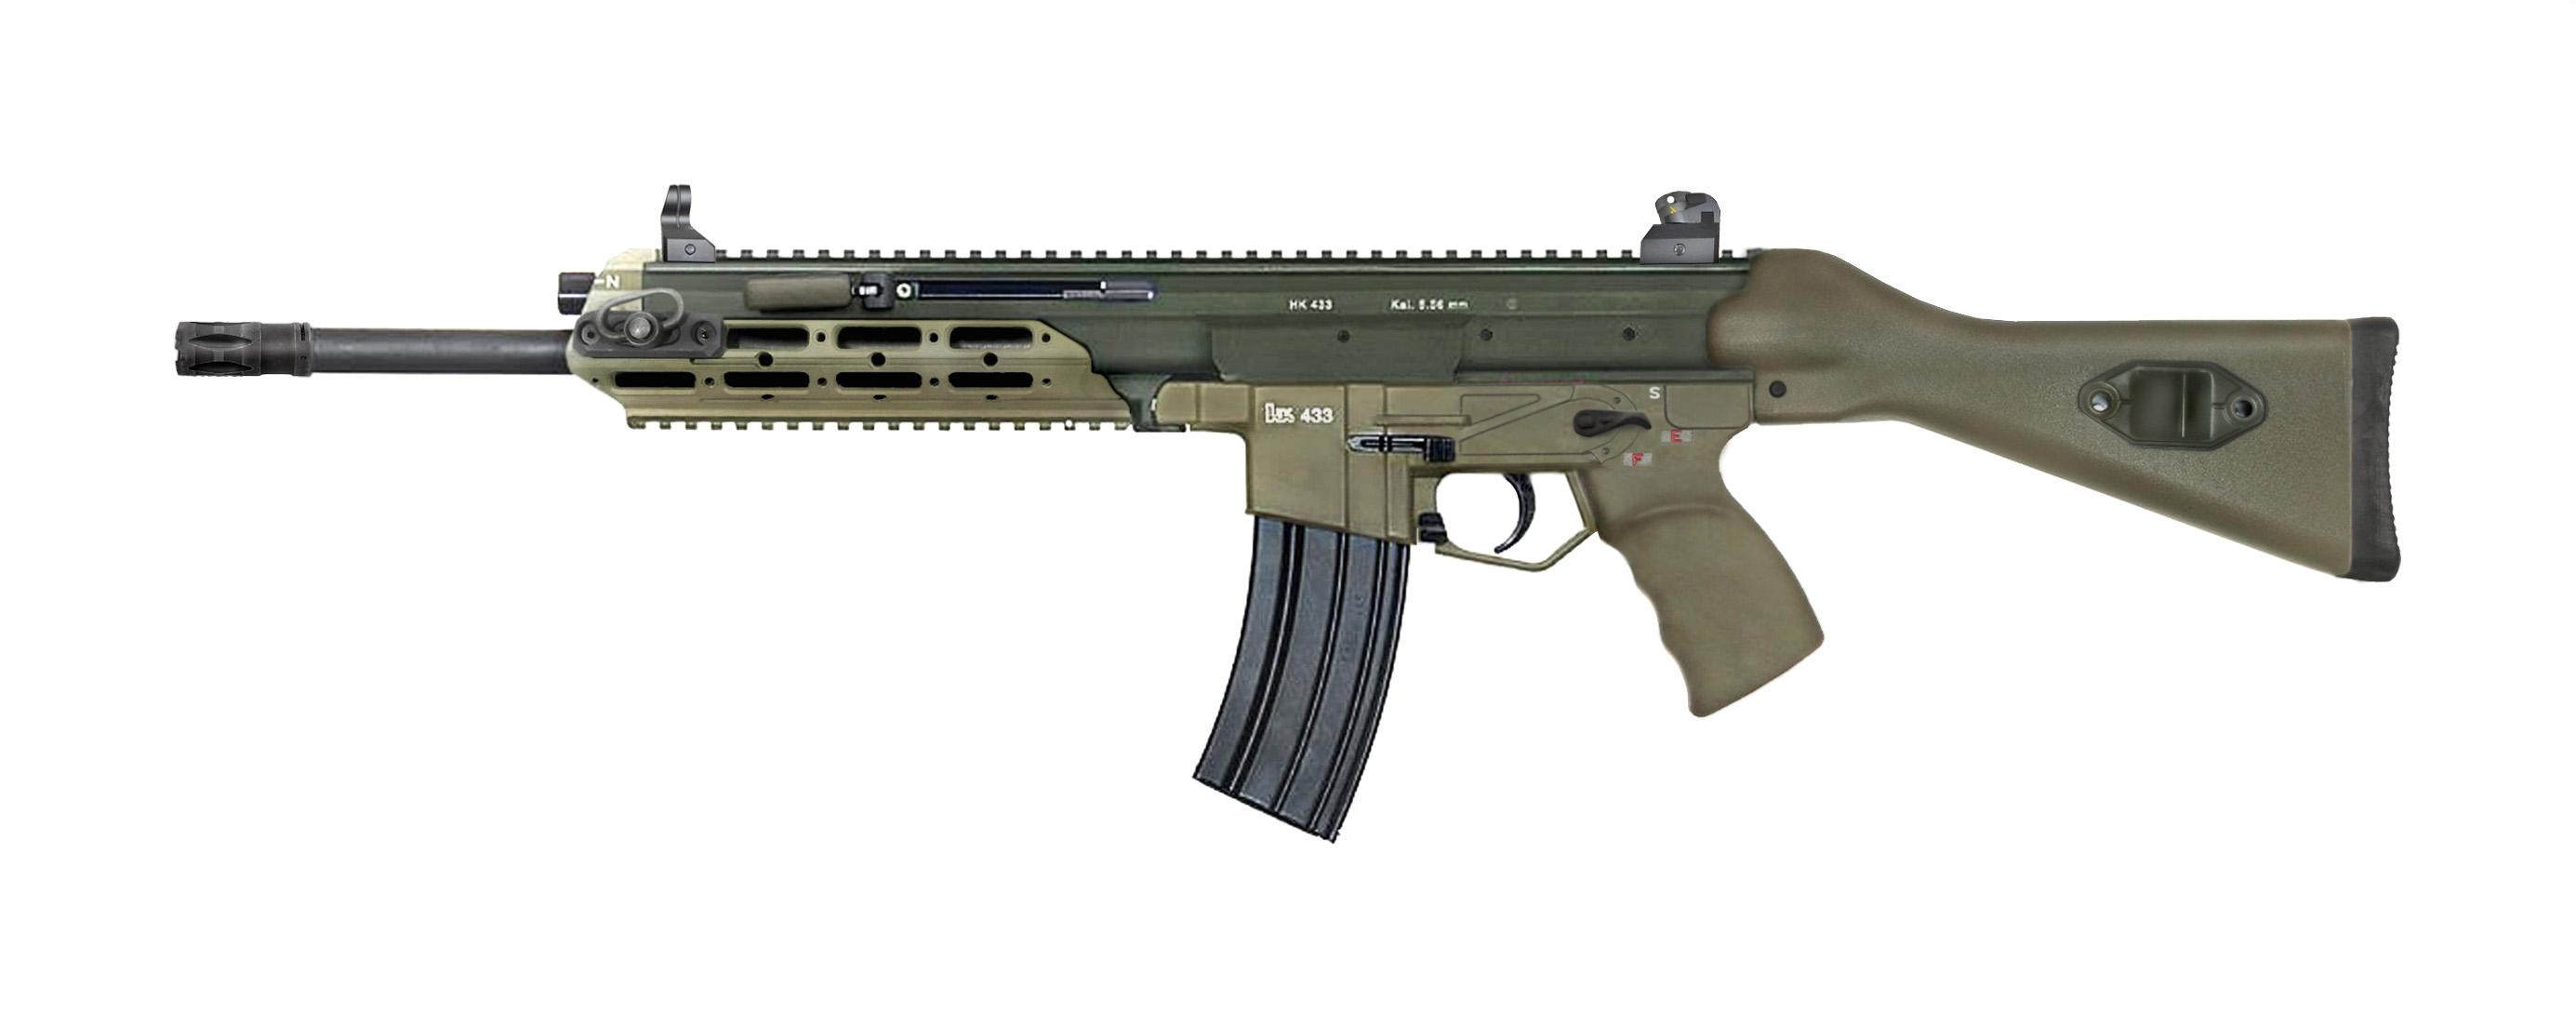 HK433 - The new assault rifle from HK-hk433-93.jpg